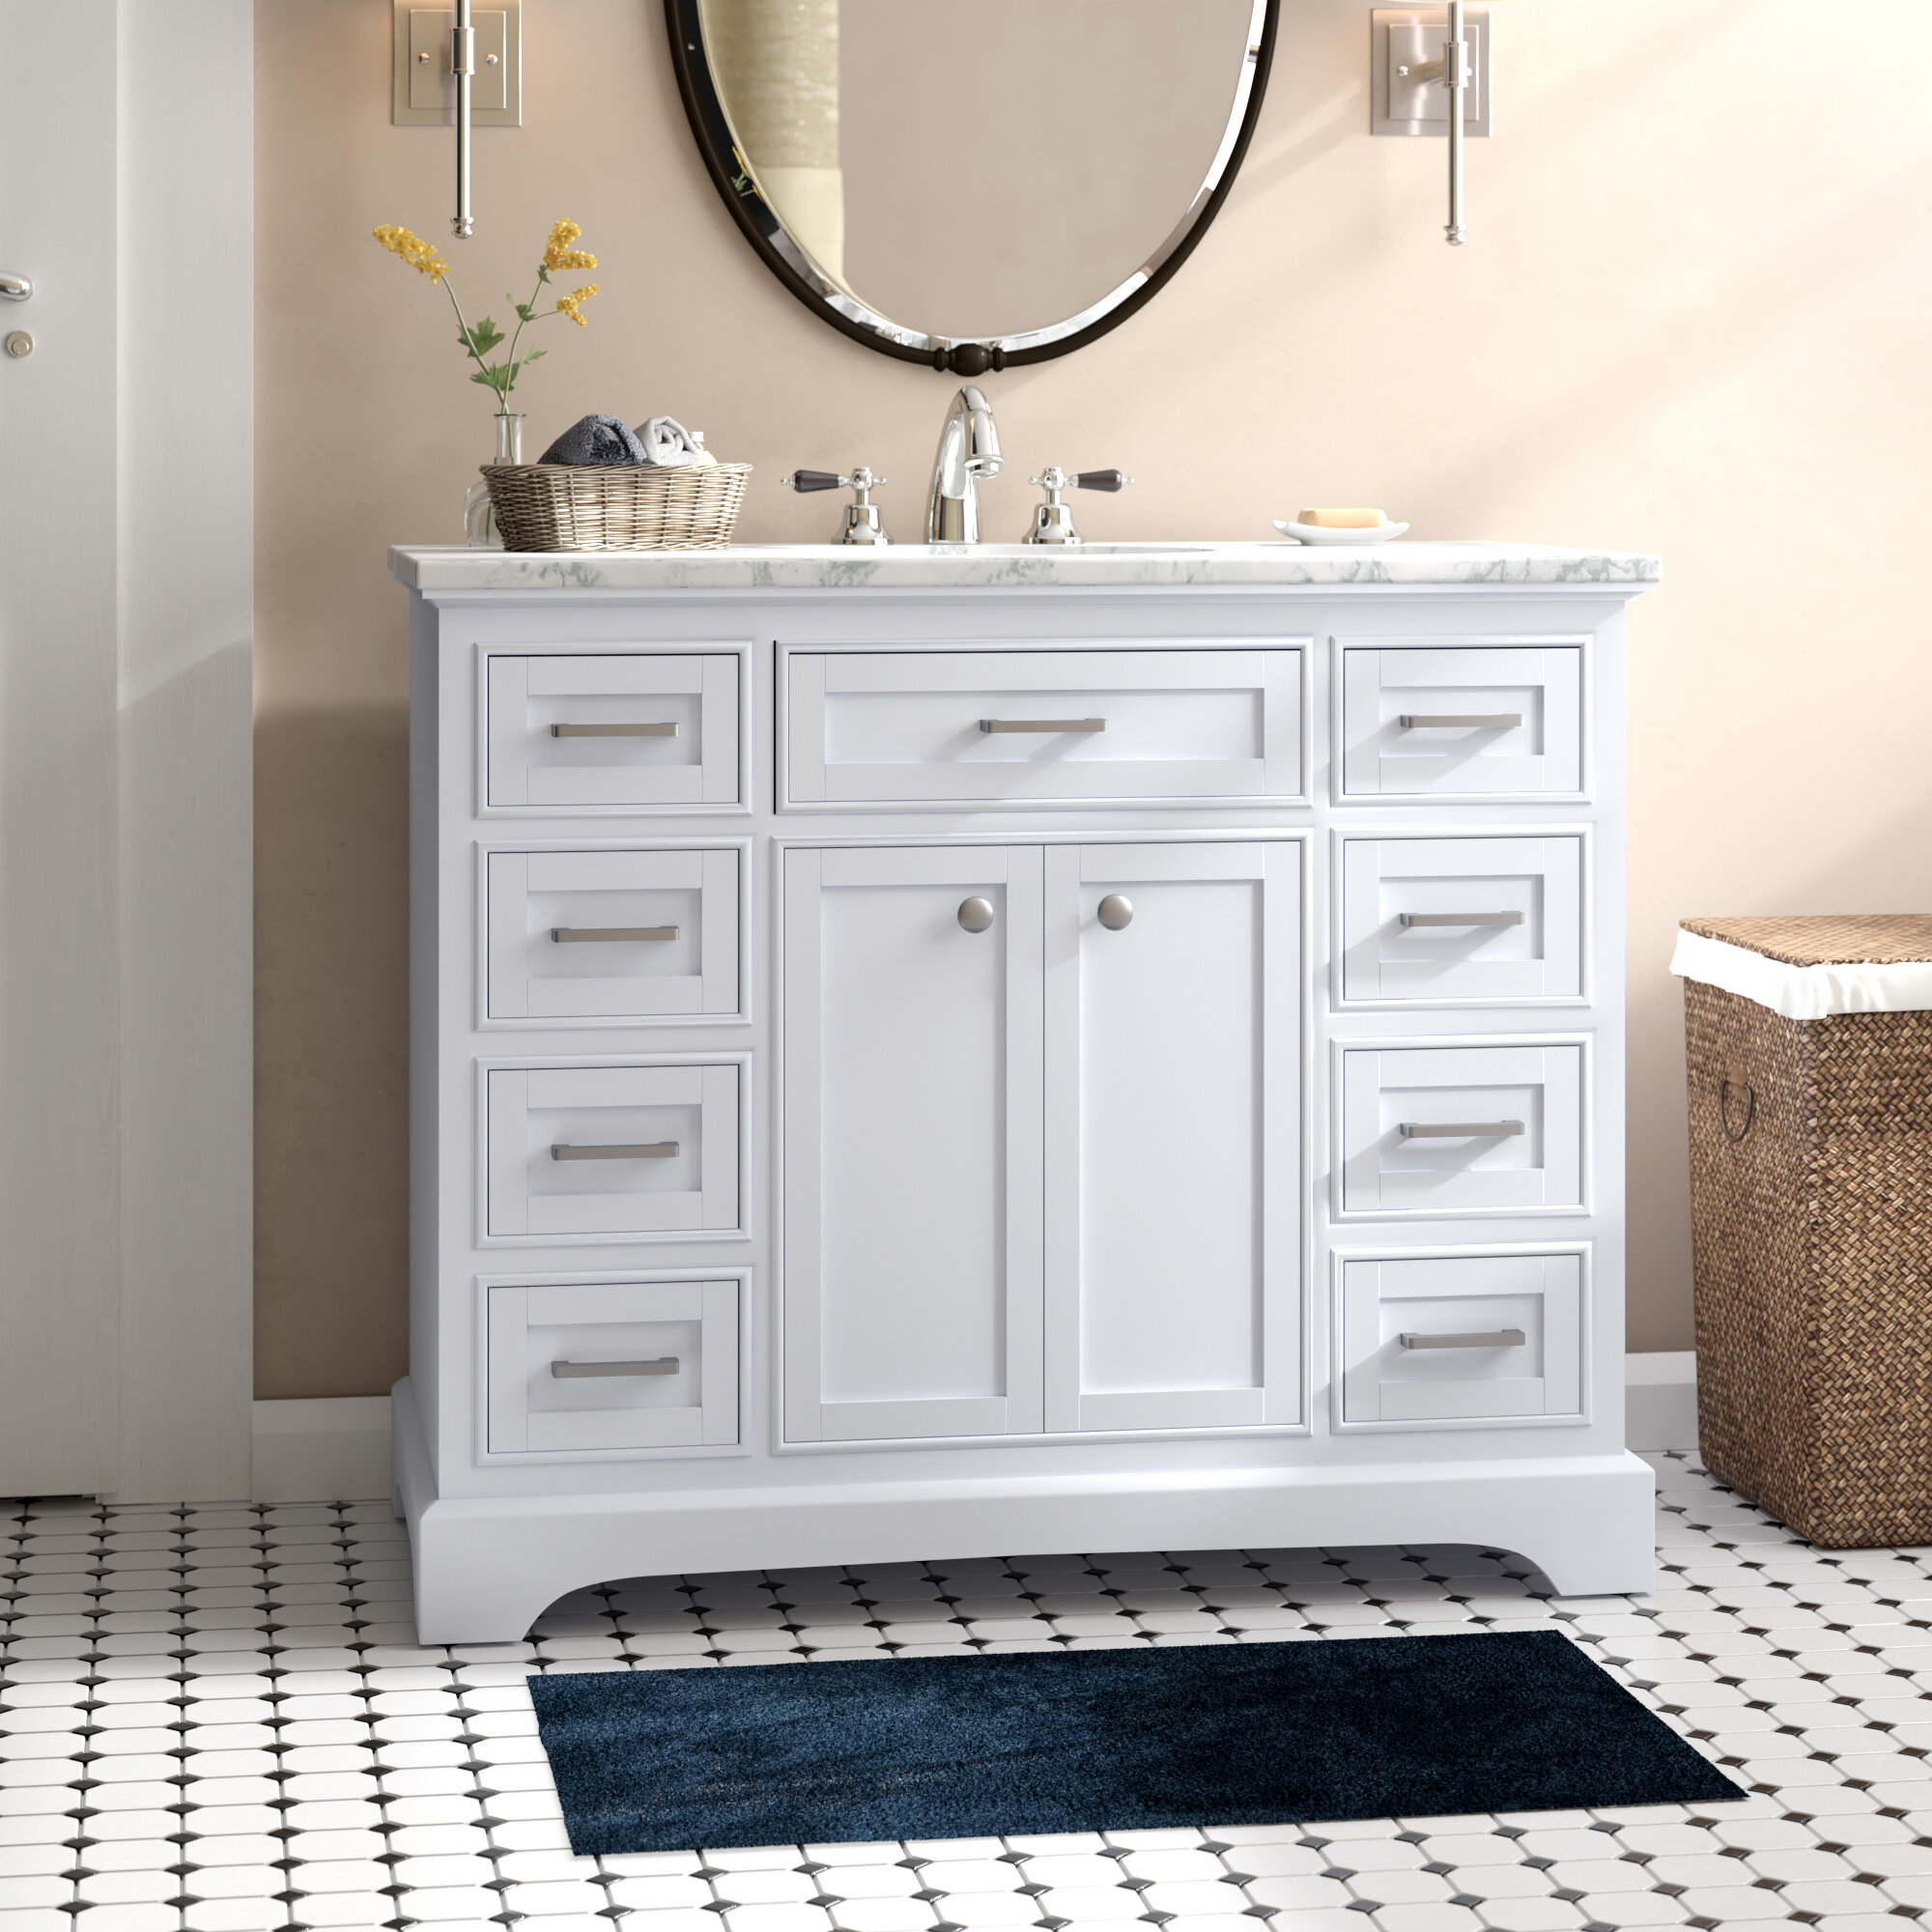 Darby Home Co Darry 42 Single Bathroom Vanity Set Reviews Wayfair